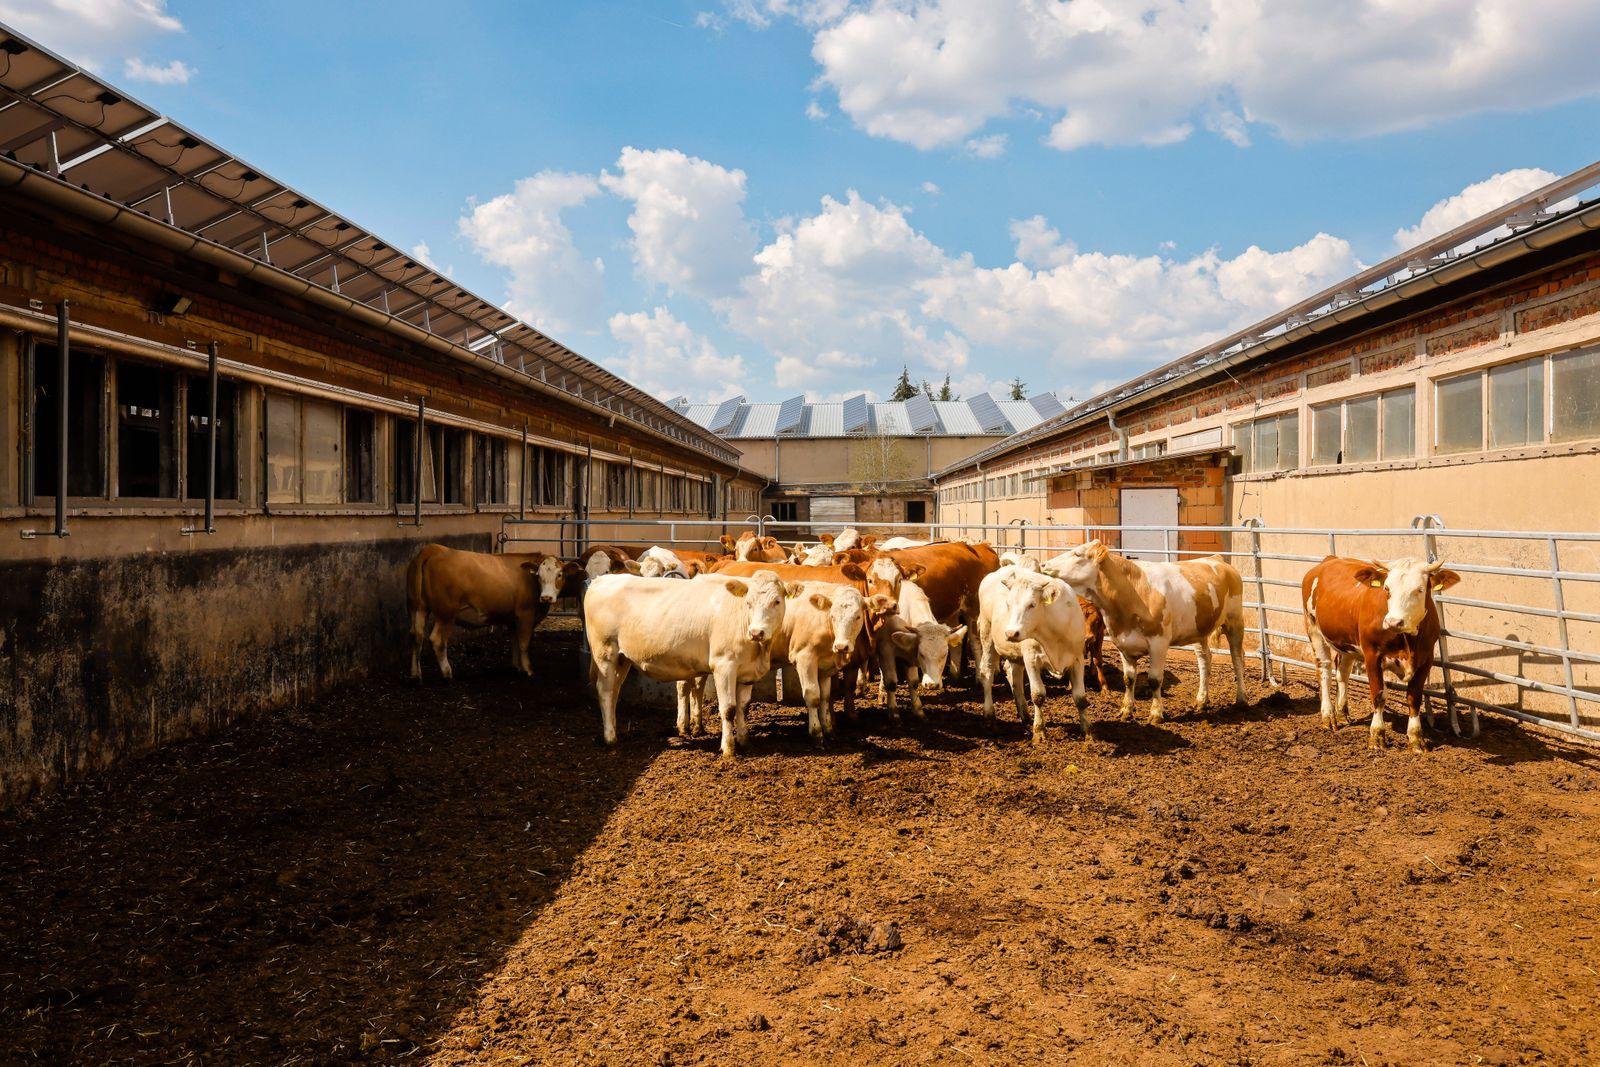 Wittichenau, Oberlausitz, Sachsen, Deutschland - Rinderställe, ehemalige LPG-Gebäude jetzt mit Solardach, auf dem famili